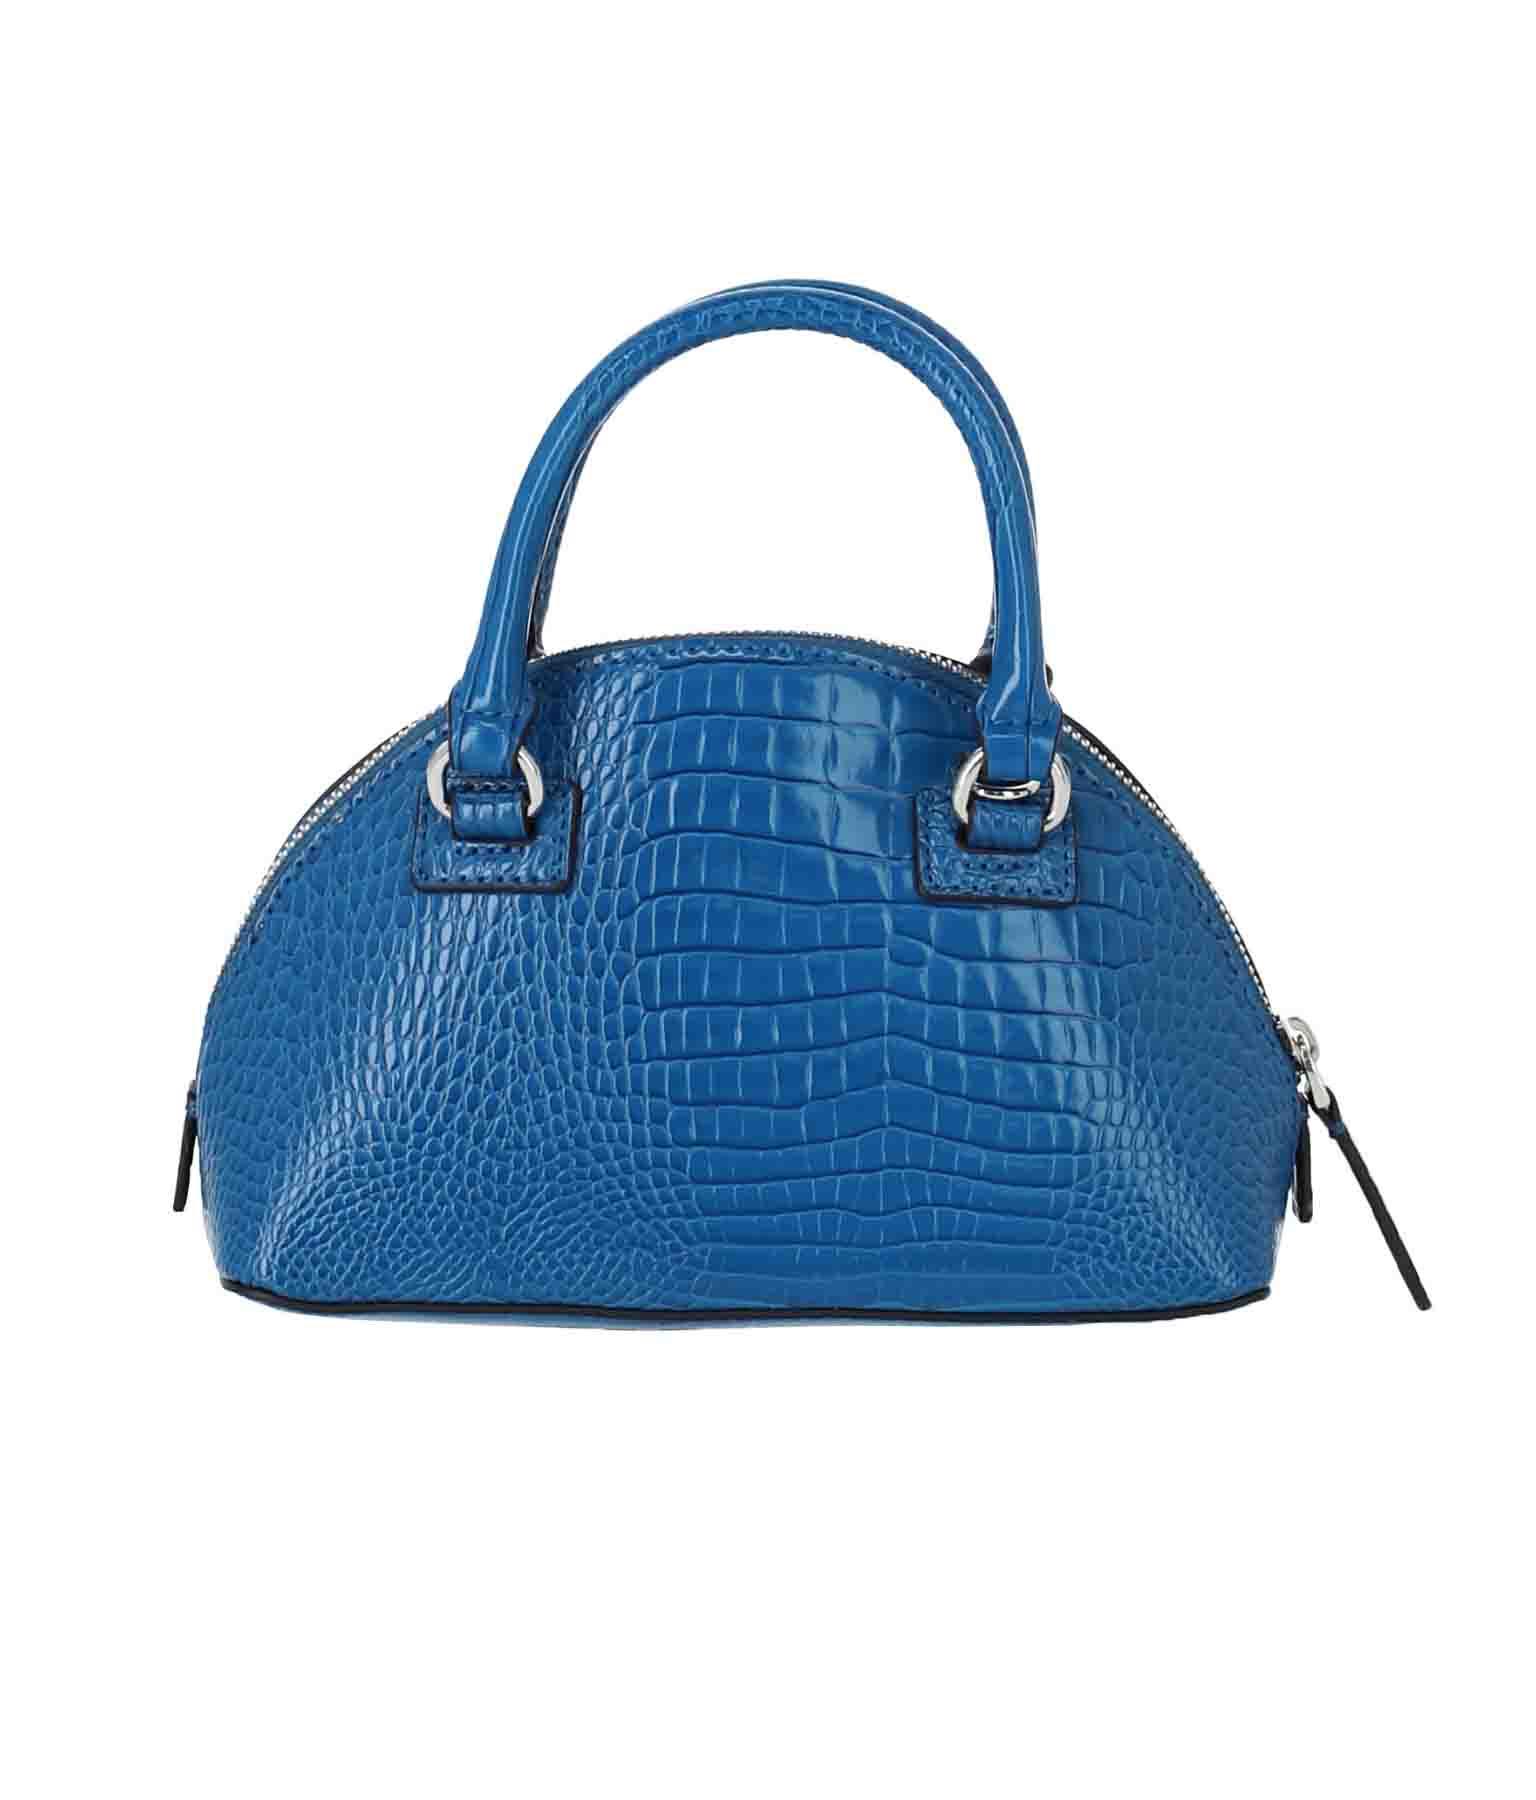 SHILAH SMALL DOME BAG(バッグ・鞄・小物/ハンドバッグ・ショルダーバッグ) | GUESS